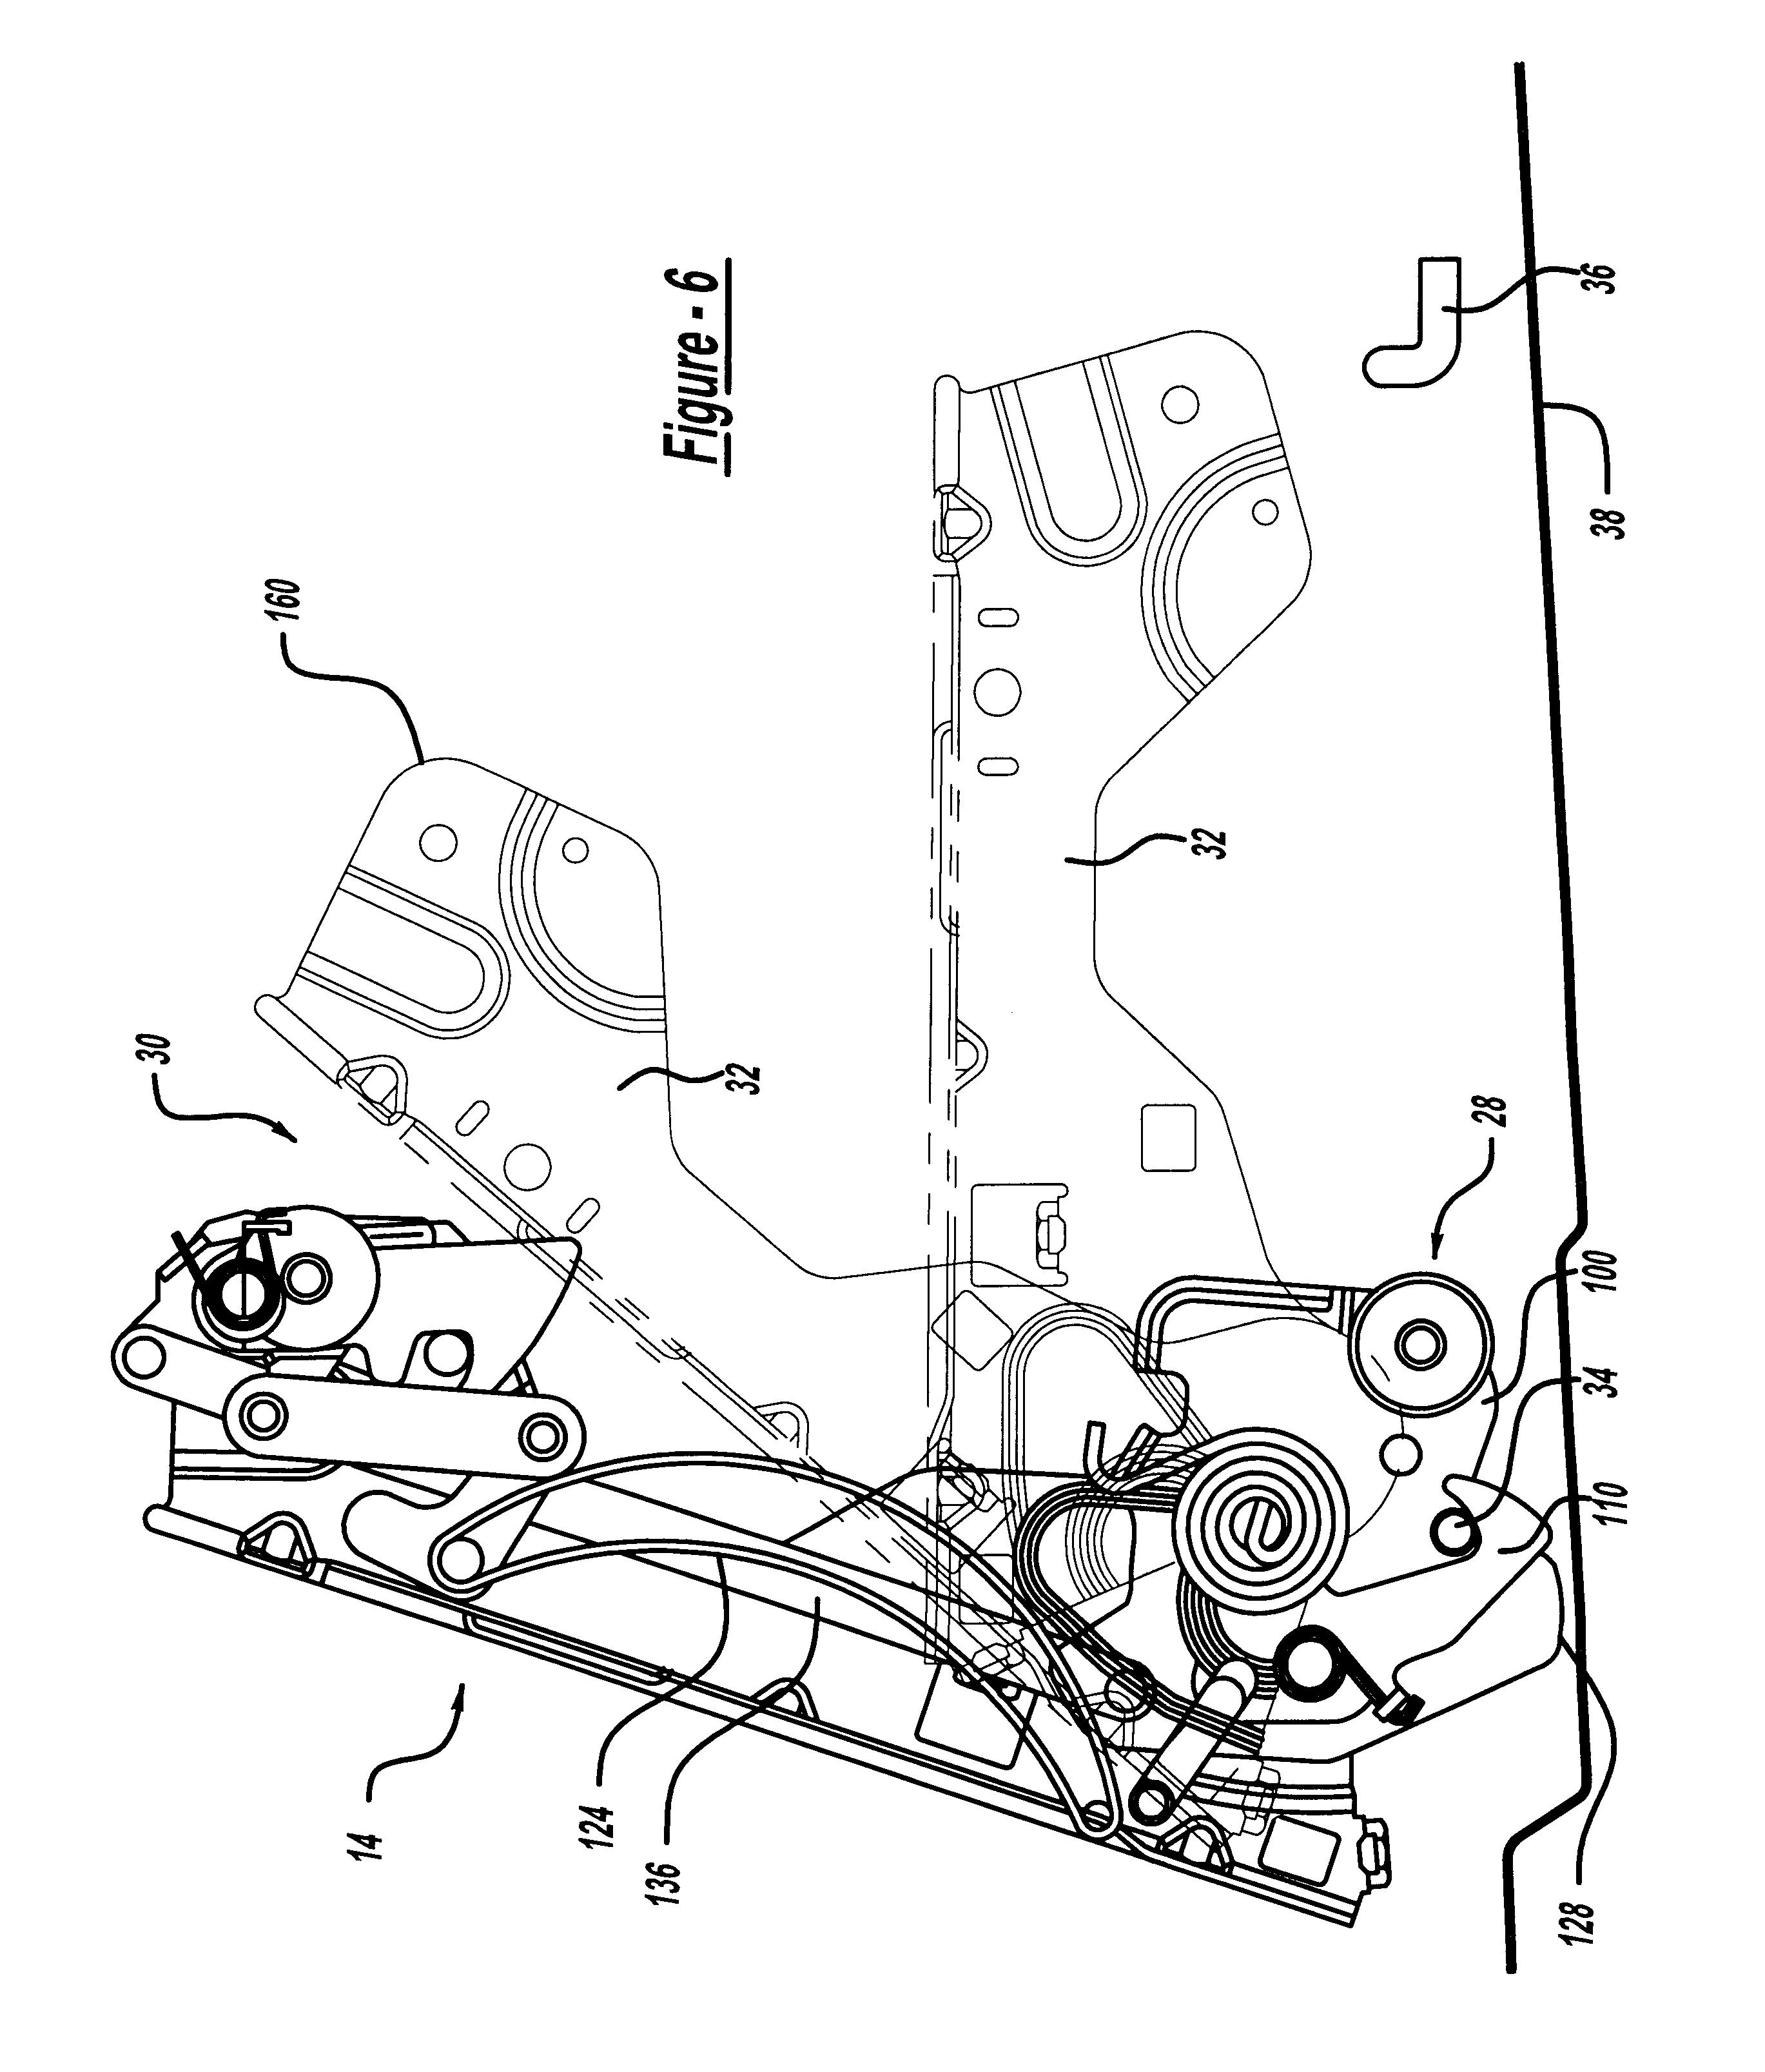 ford fusion evap purge valve location